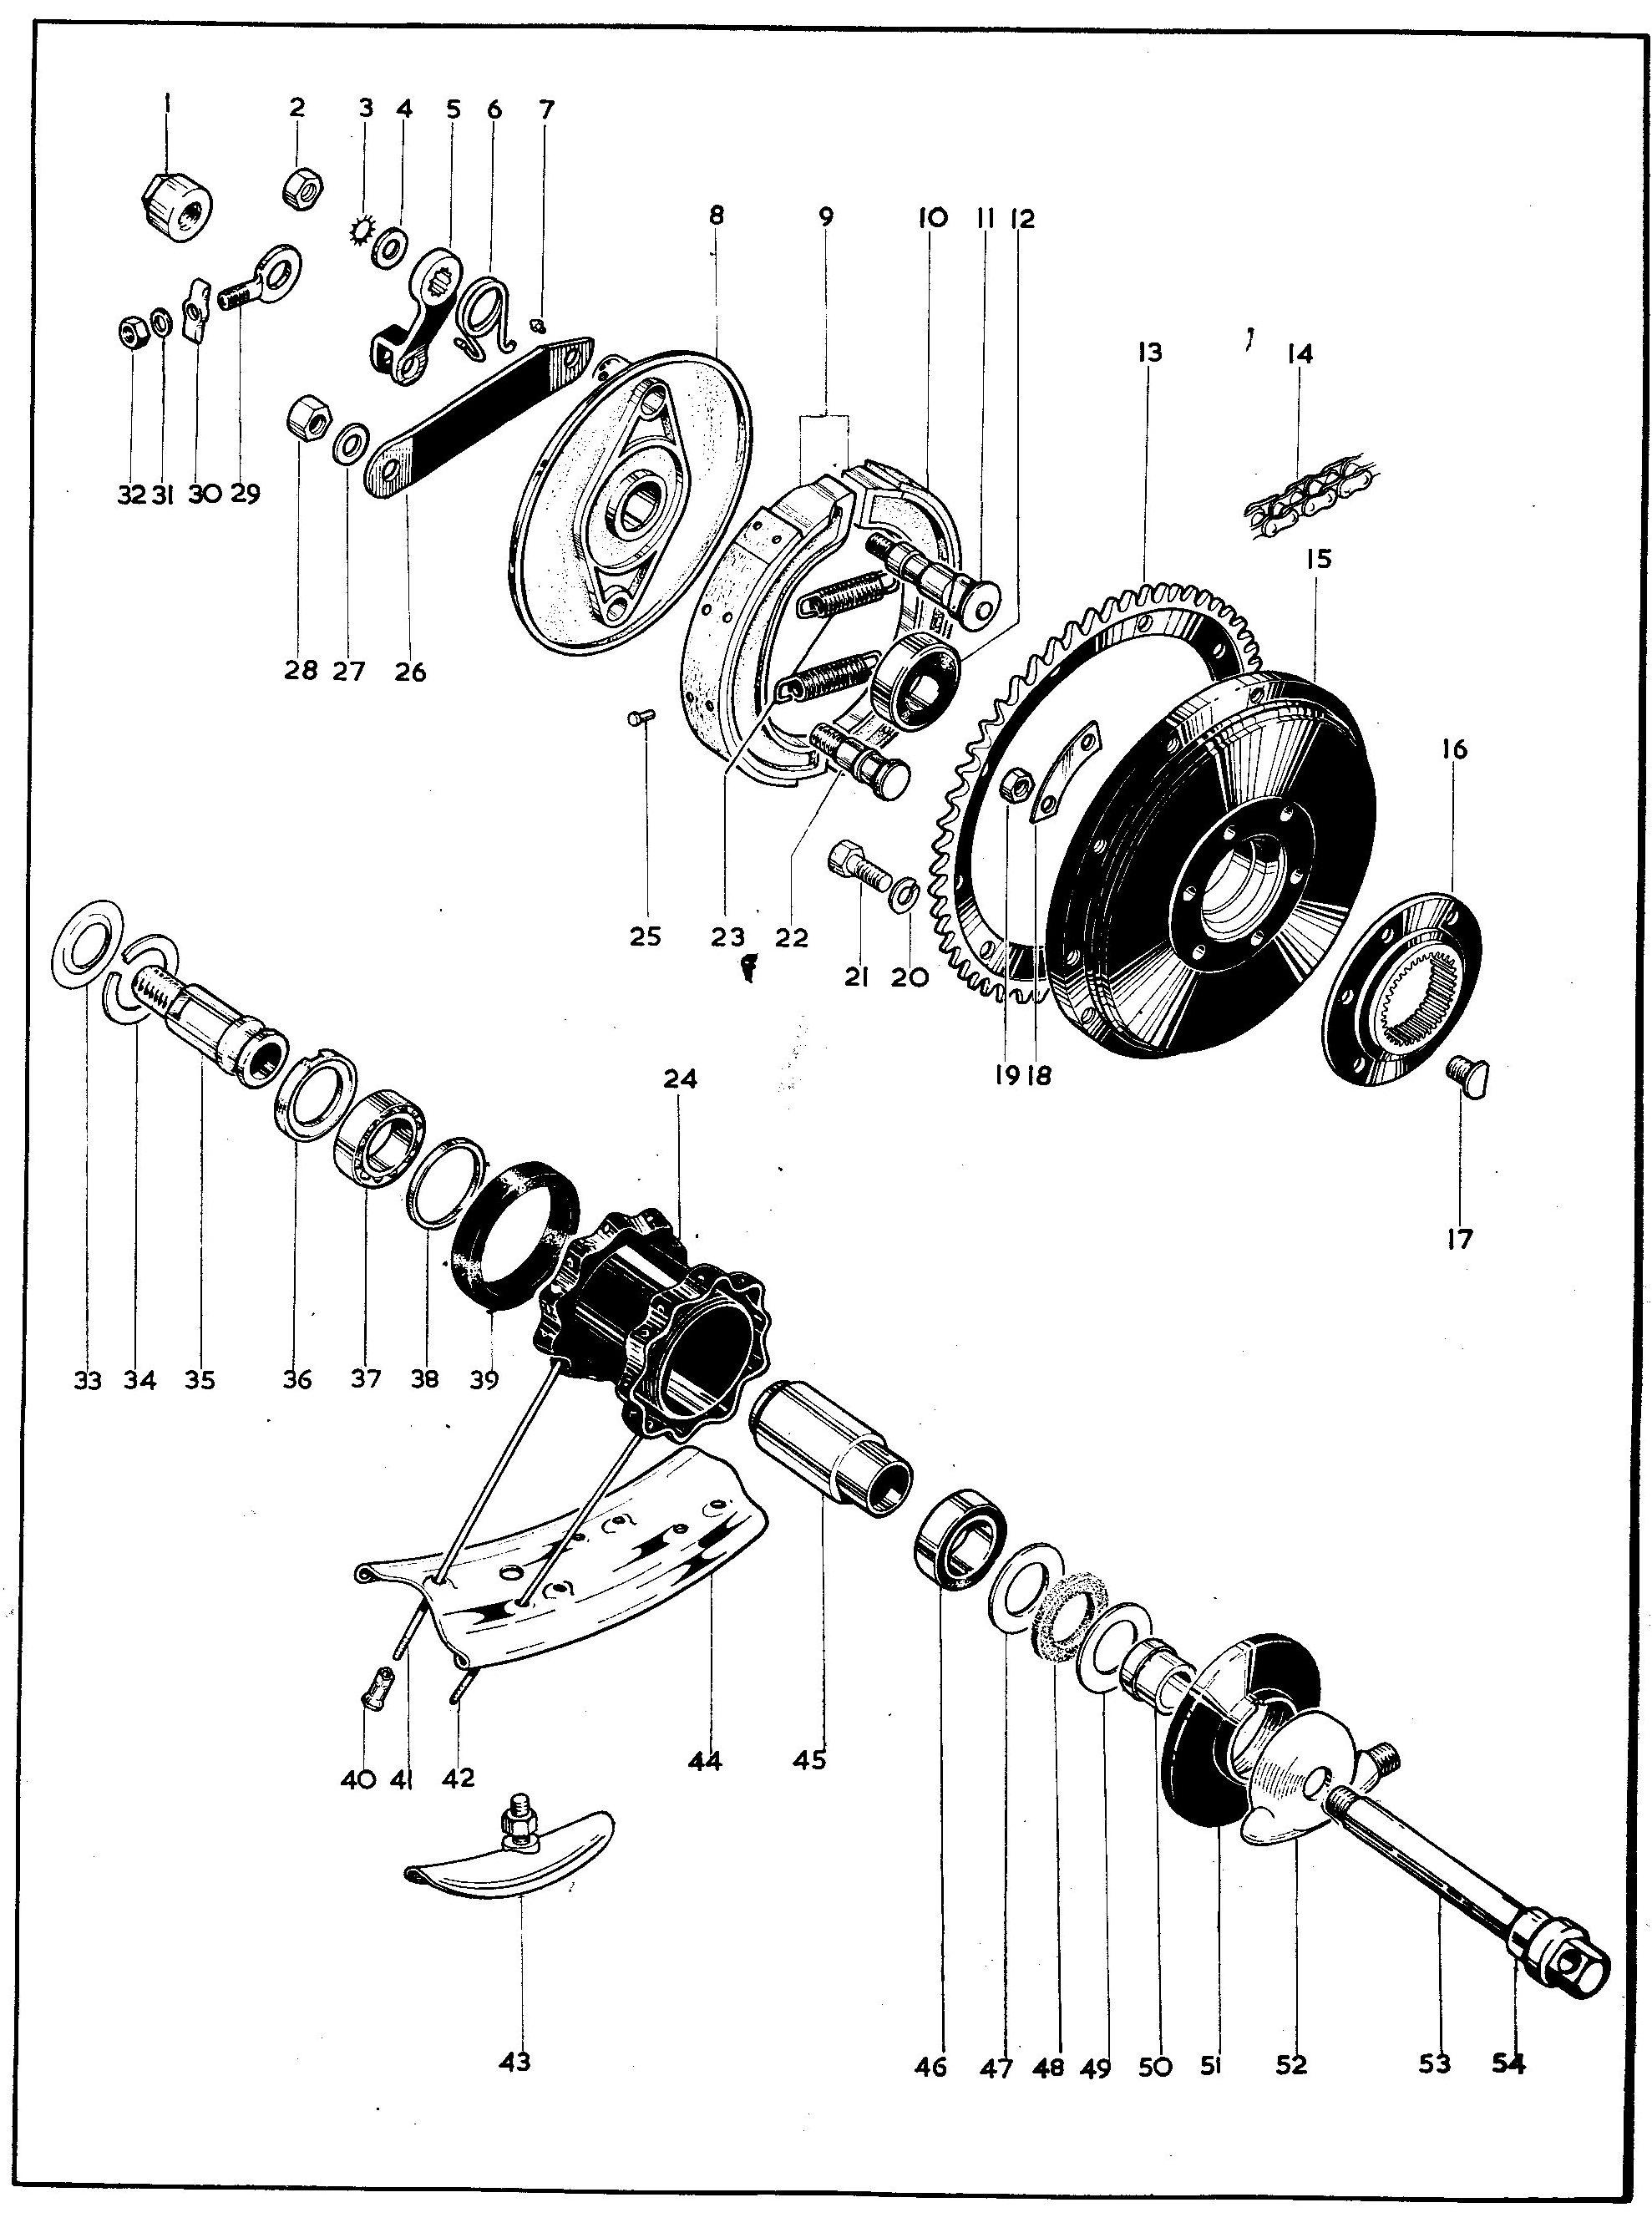 Bsa B25 B44 Rear Brake Anchor Strap Torque Arm